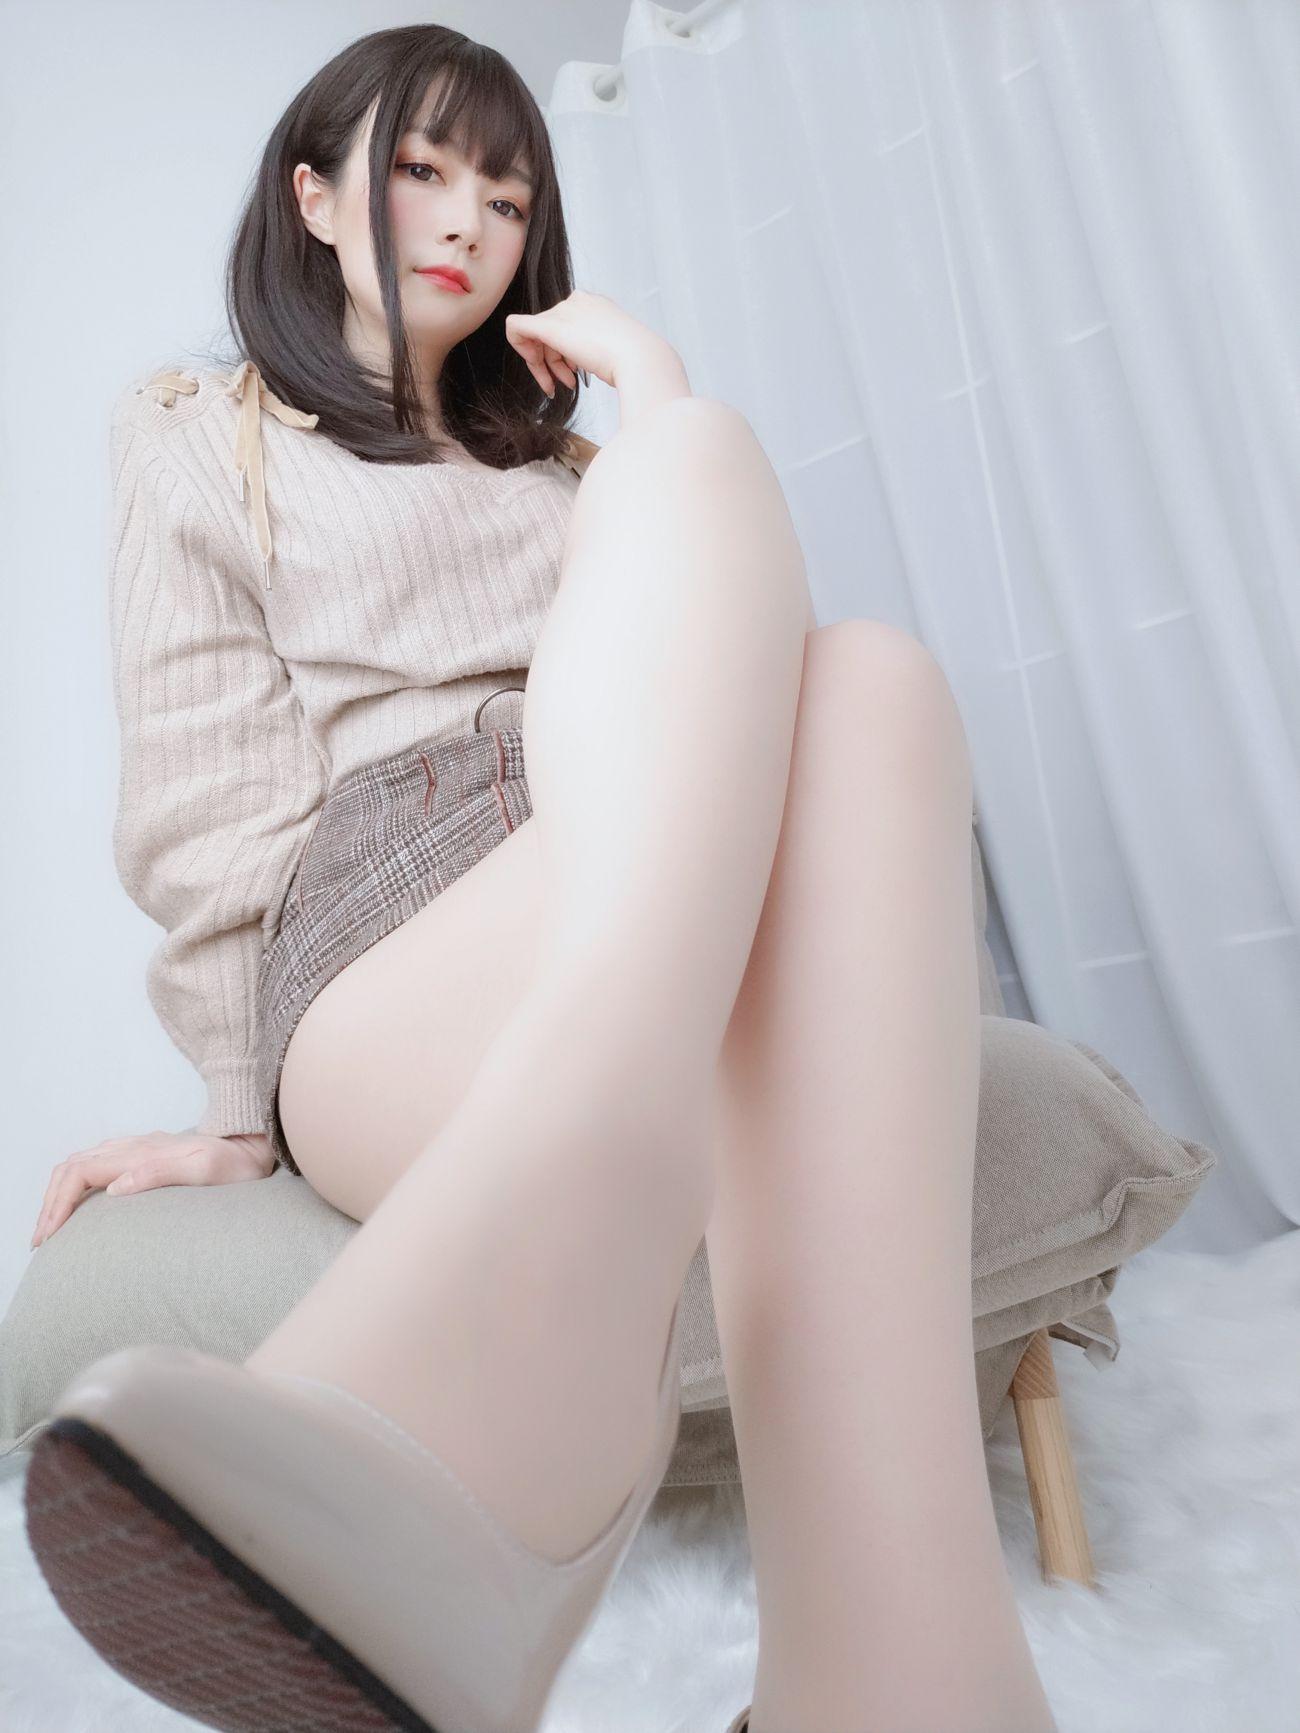 微博美少女白銀 甜美后輩日常篇 - 貼圖 - 清涼寫真 -